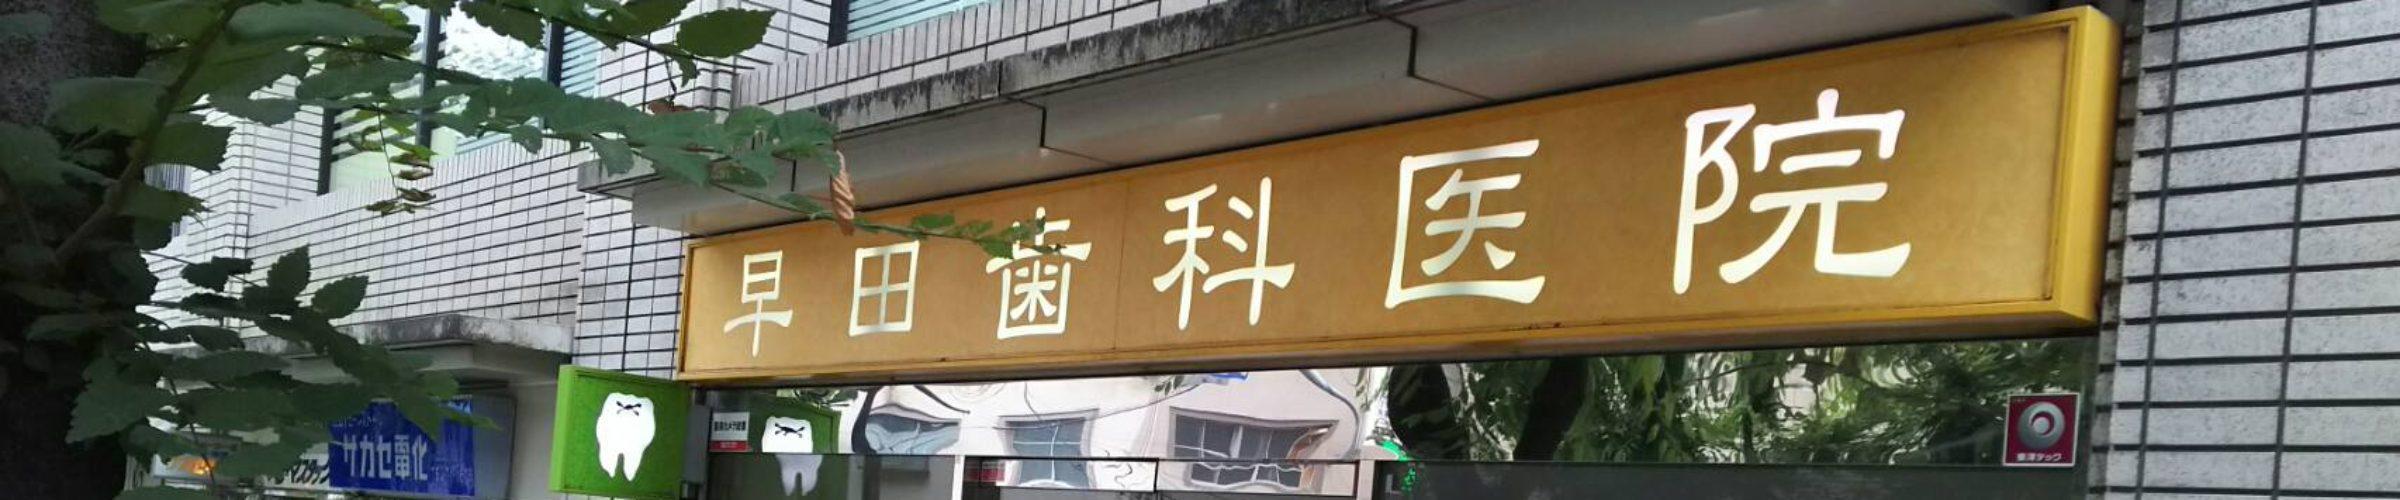 早田歯科医院